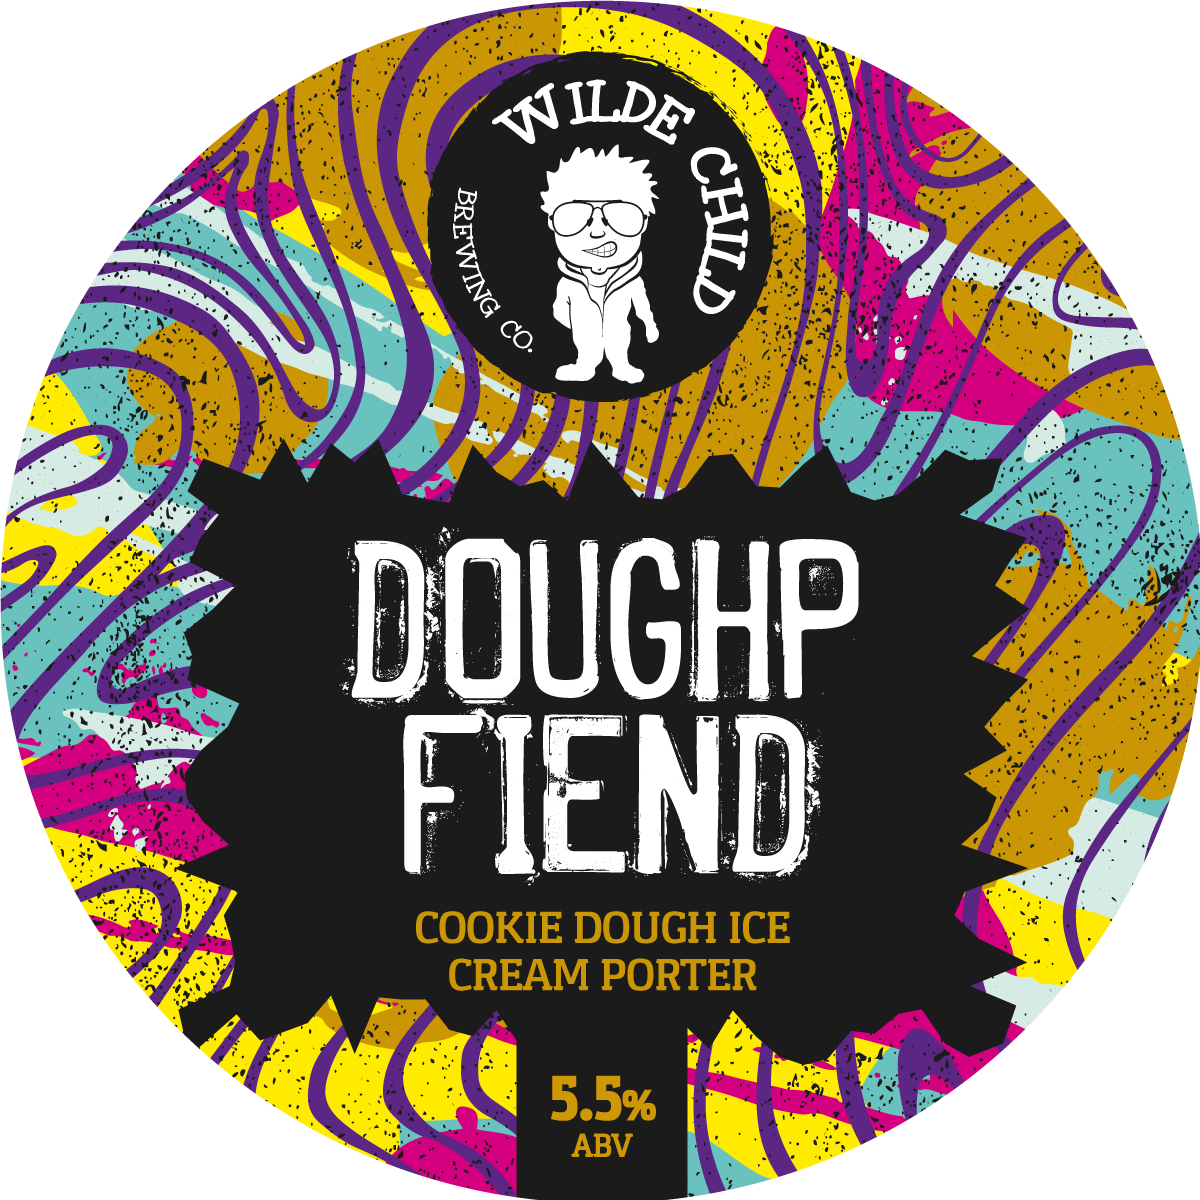 Doughp-Fiend_round-2